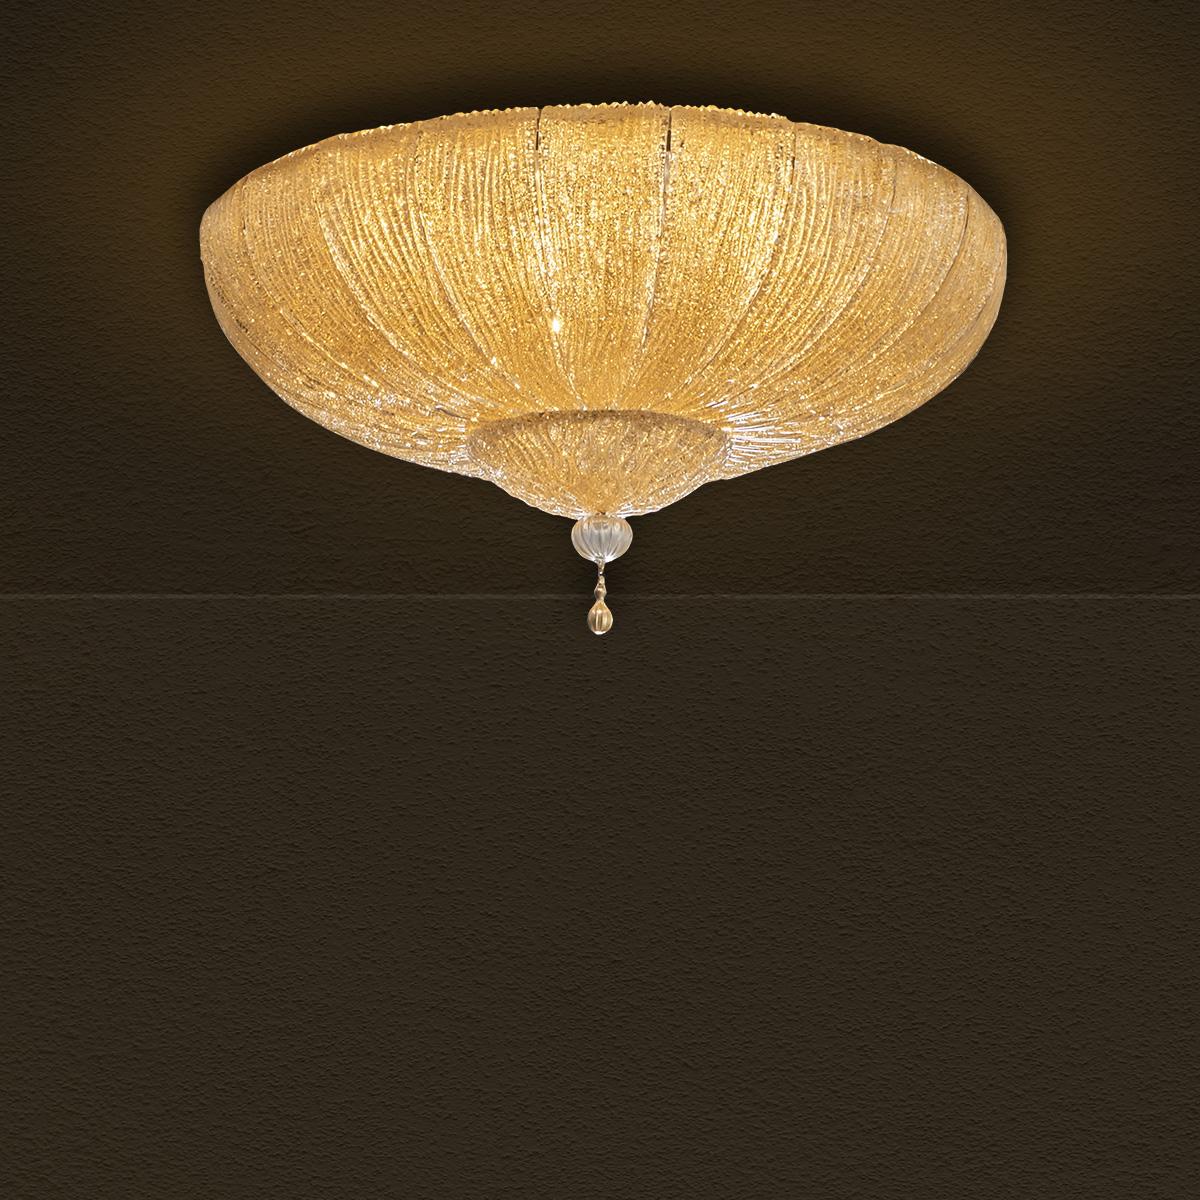 Φωτιστικό οροφής με κρυστάλλινα φύλλα CASTELLO ceiling lamp with crystal leaves